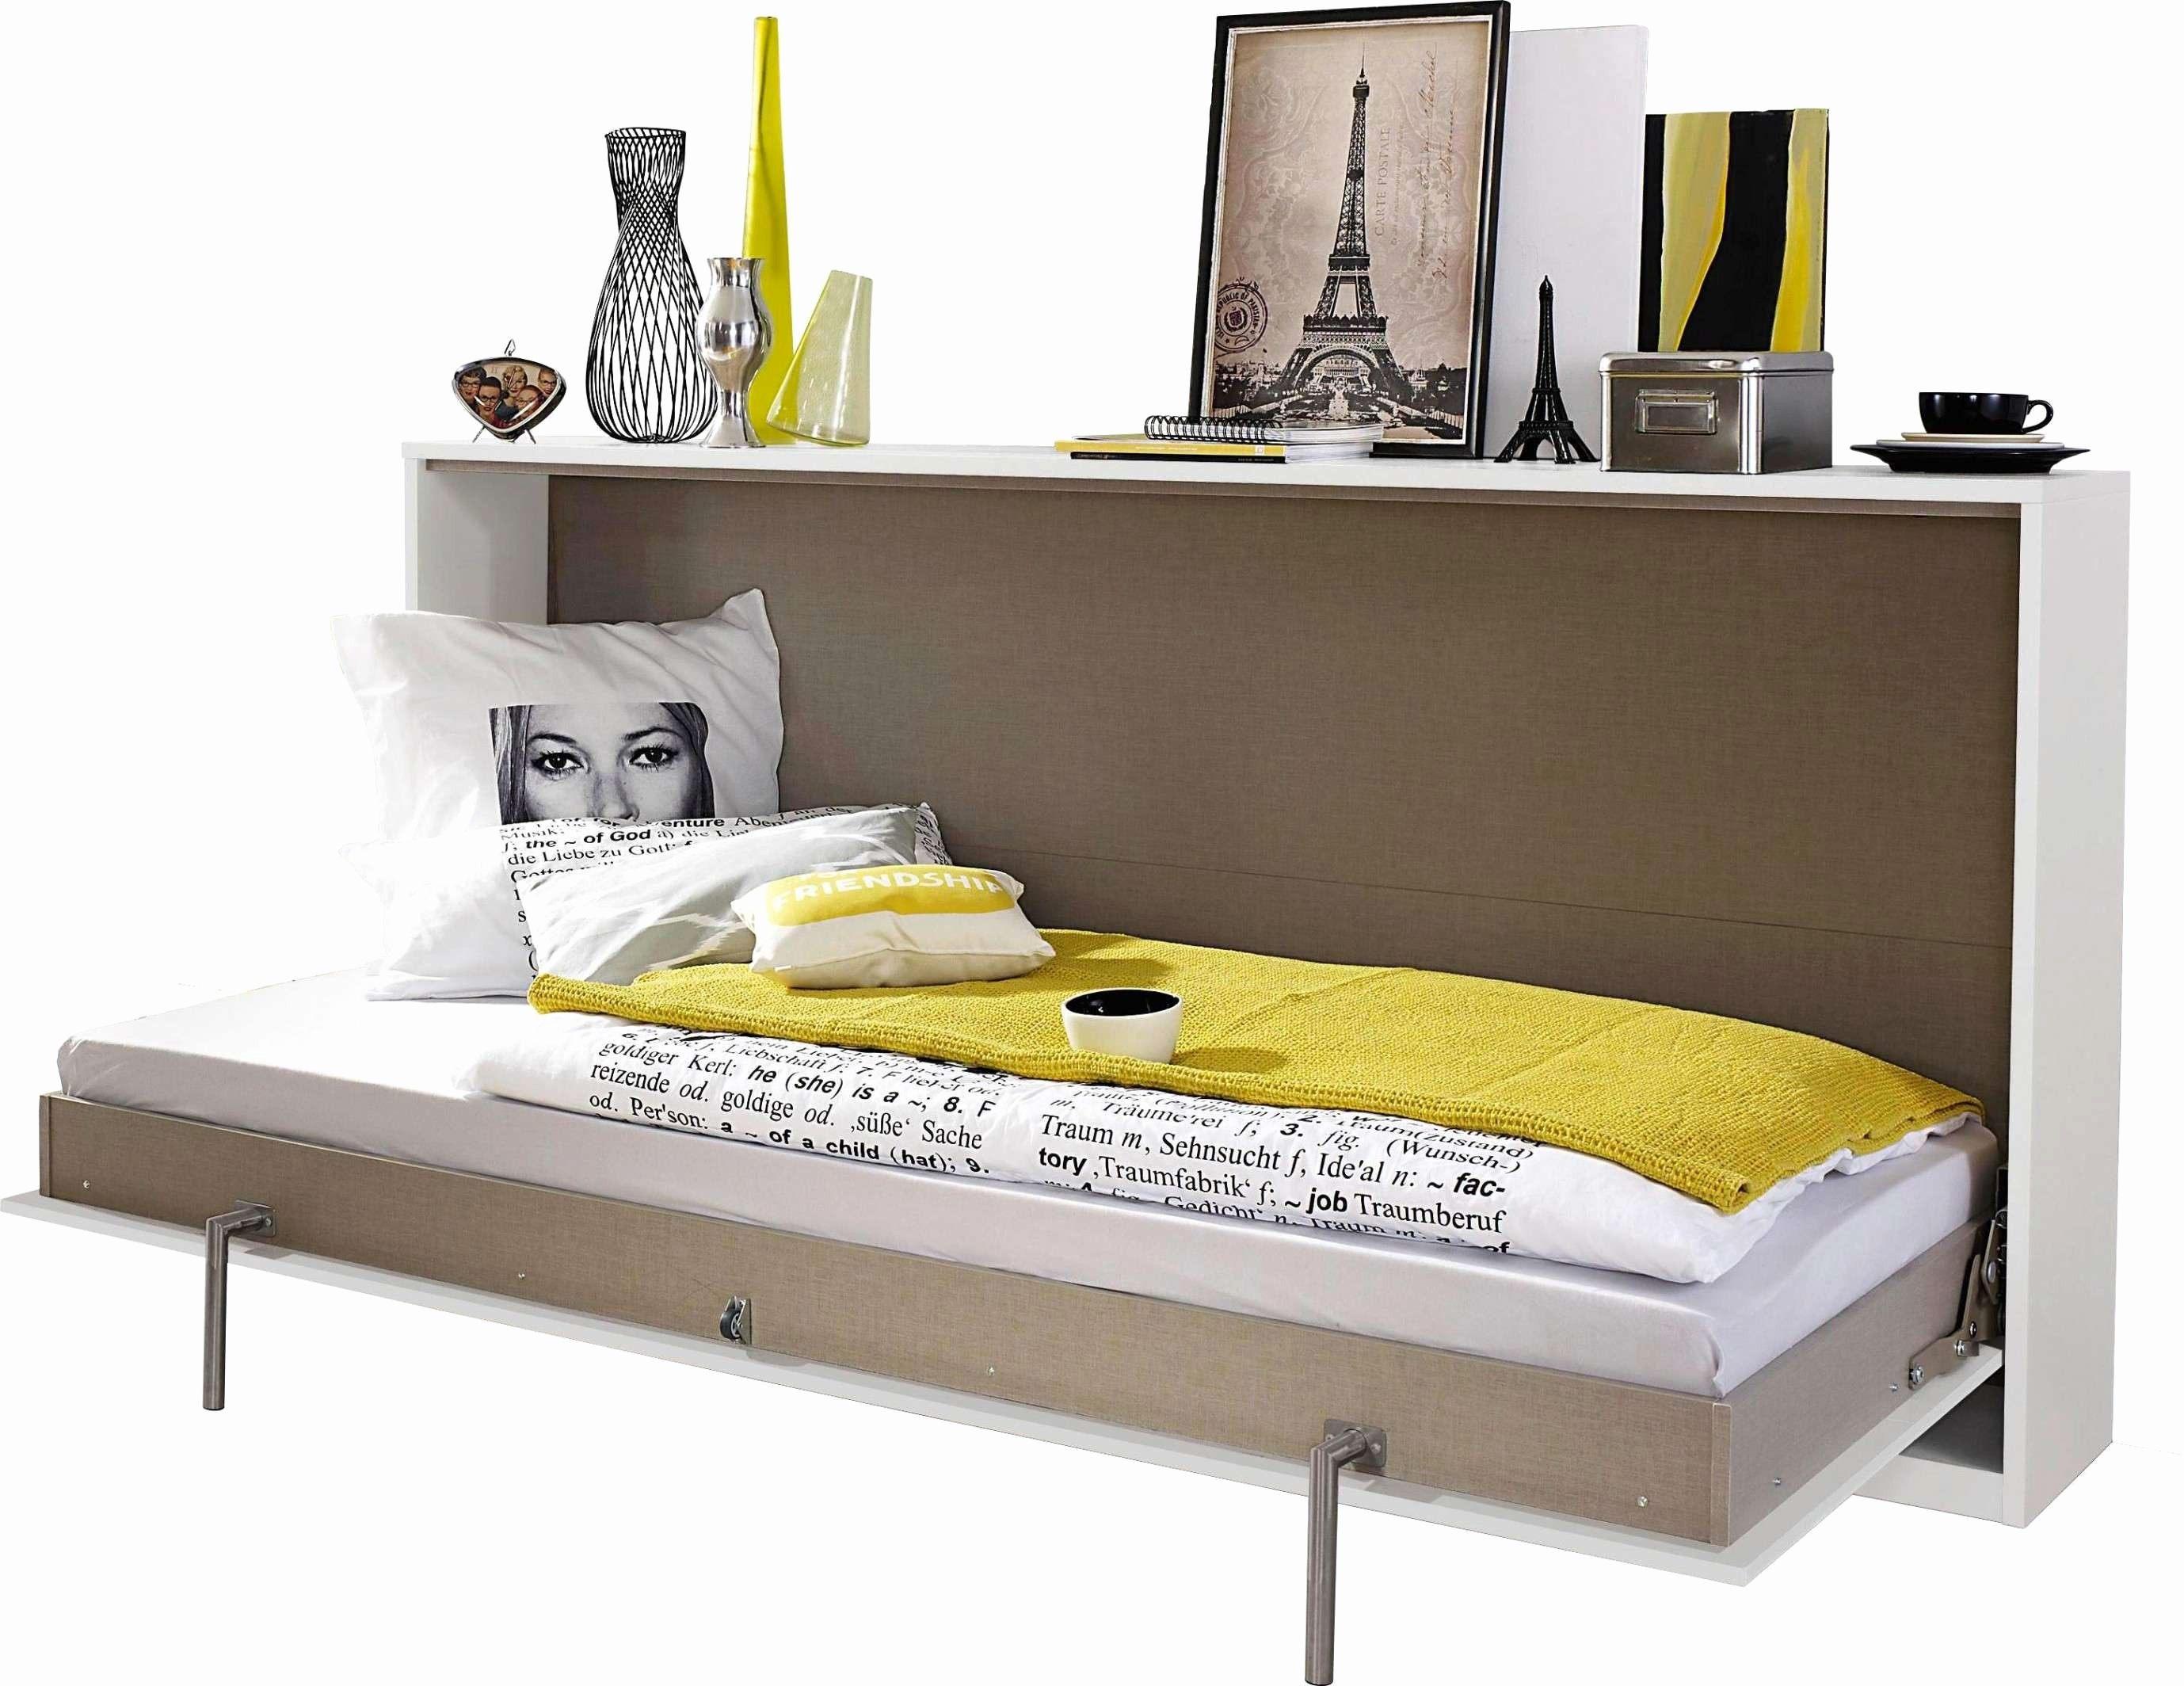 Dimension Couette Lit 160×200 Beau Couette Pour Lit 160—200 Ikea Luxe Dimension Housse De Couette Pour